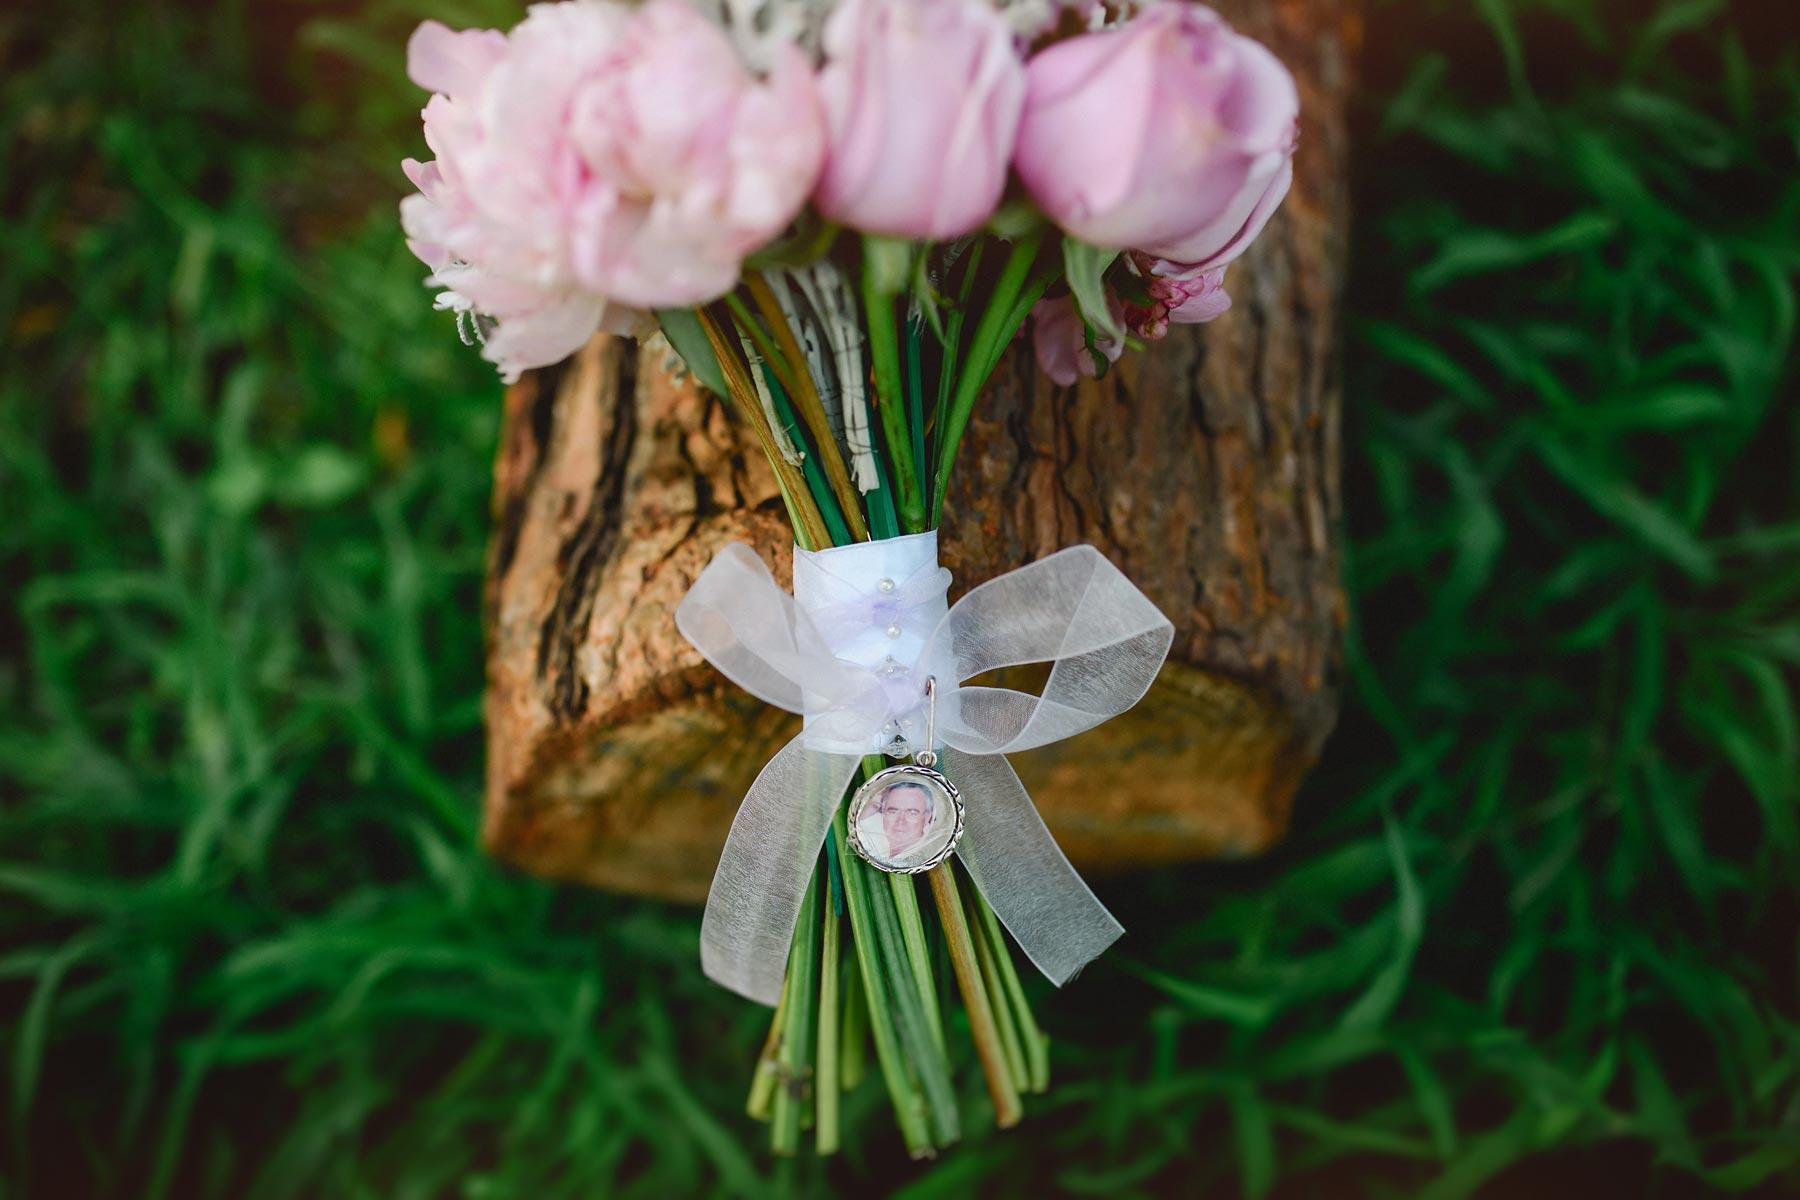 fotografo-de-bodas-en-san-pedro-garza-garcia-24